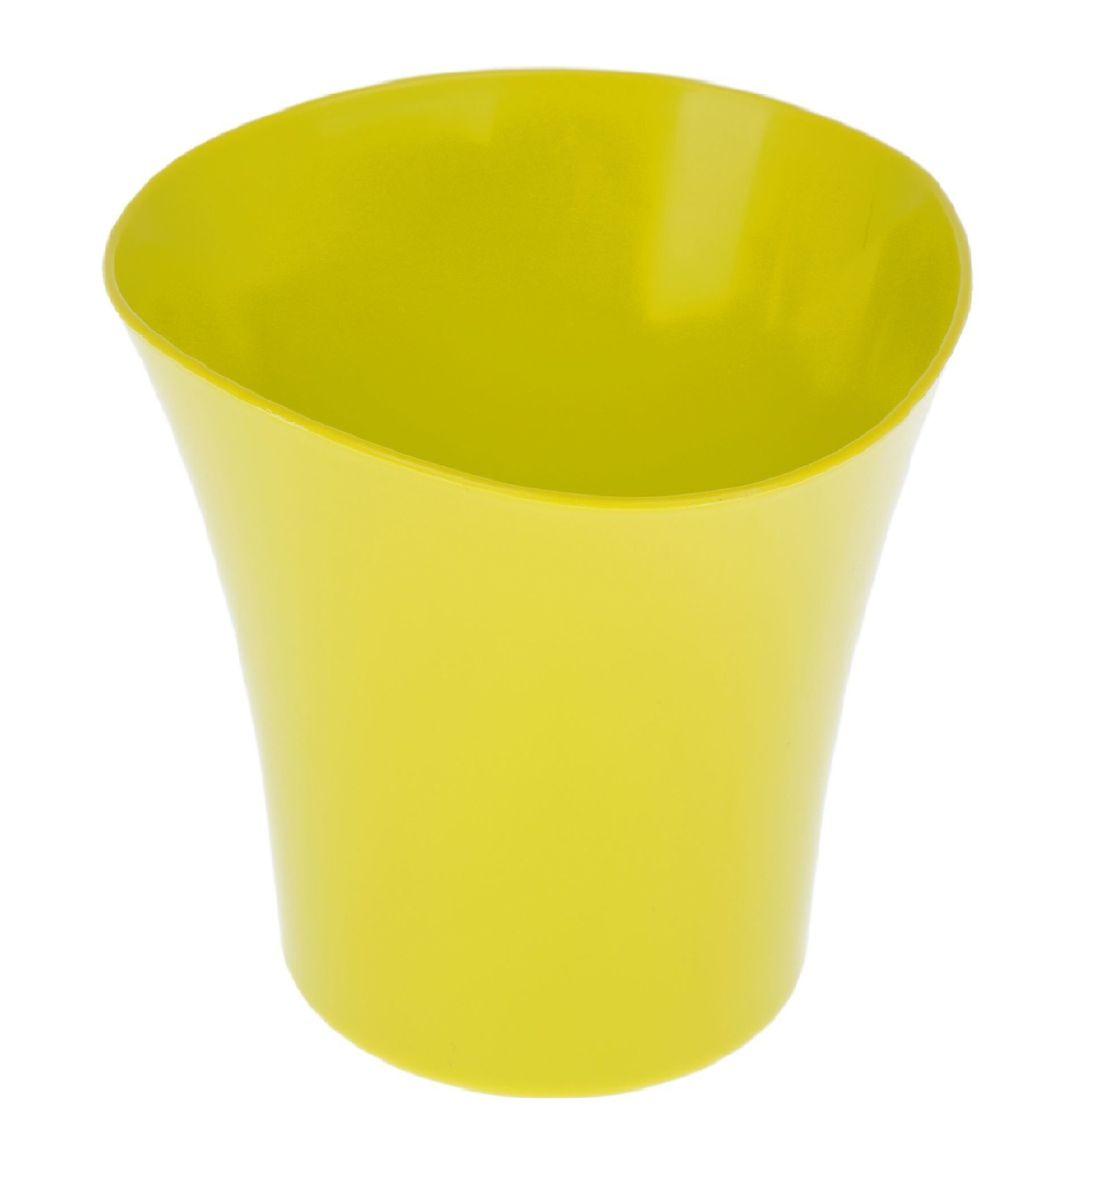 Кашпо JetPlast Волна, цвет: фисташковый, 1,5 л4612754051908Кашпо Волна имеет уникальную форму, сочетающуюся как с классическим, так и с современным дизайном интерьера. Оно изготовлено из прочного полипропилена (пластика) и предназначено для выращивания растений, цветов и трав в домашних условиях. Такое кашпо порадует вас функциональностью, а благодаря лаконичному дизайну впишется в любой интерьер помещения. Объем кашпо: 1,5 л.